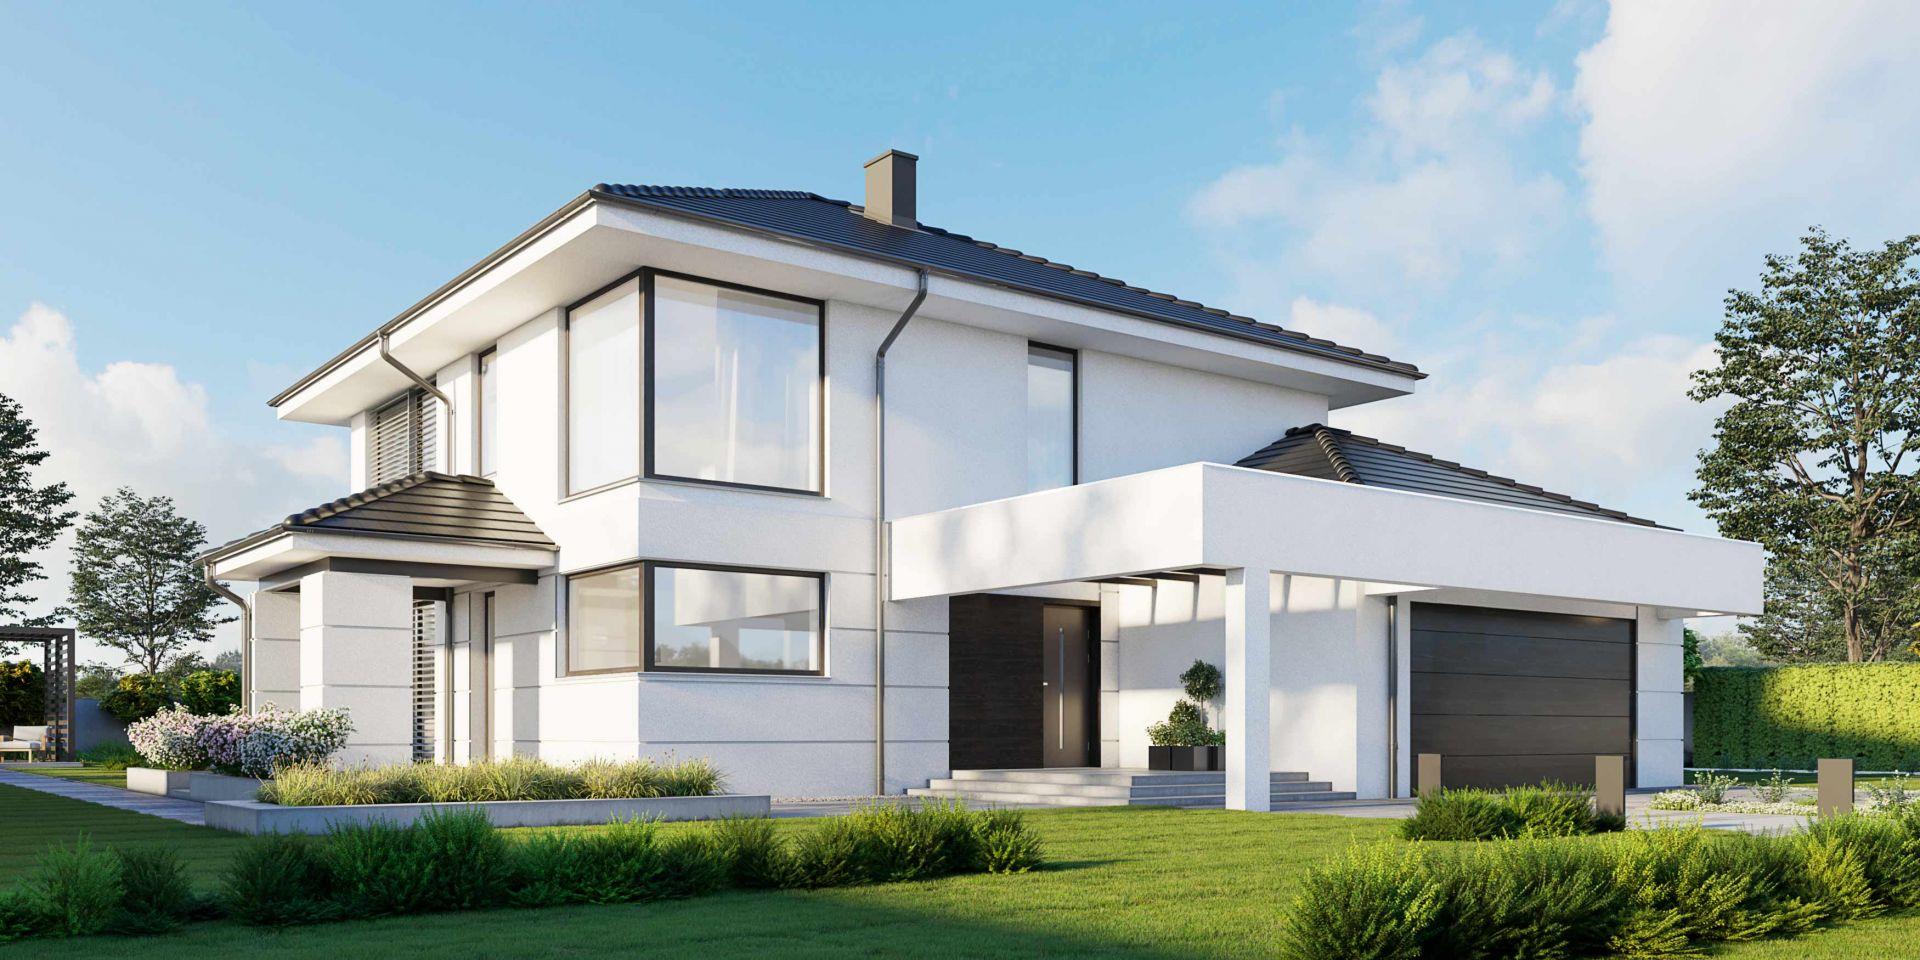 Dwie pełne kondygnacje budynku ułatwią aranżację pomieszczeń na piętrze bez ograniczeń wynikających ze skosów na poddaszu. Nazwa projektu: HomeKONCEPT 64. Projekt wykonano w Pracowni HomeKONCEPT